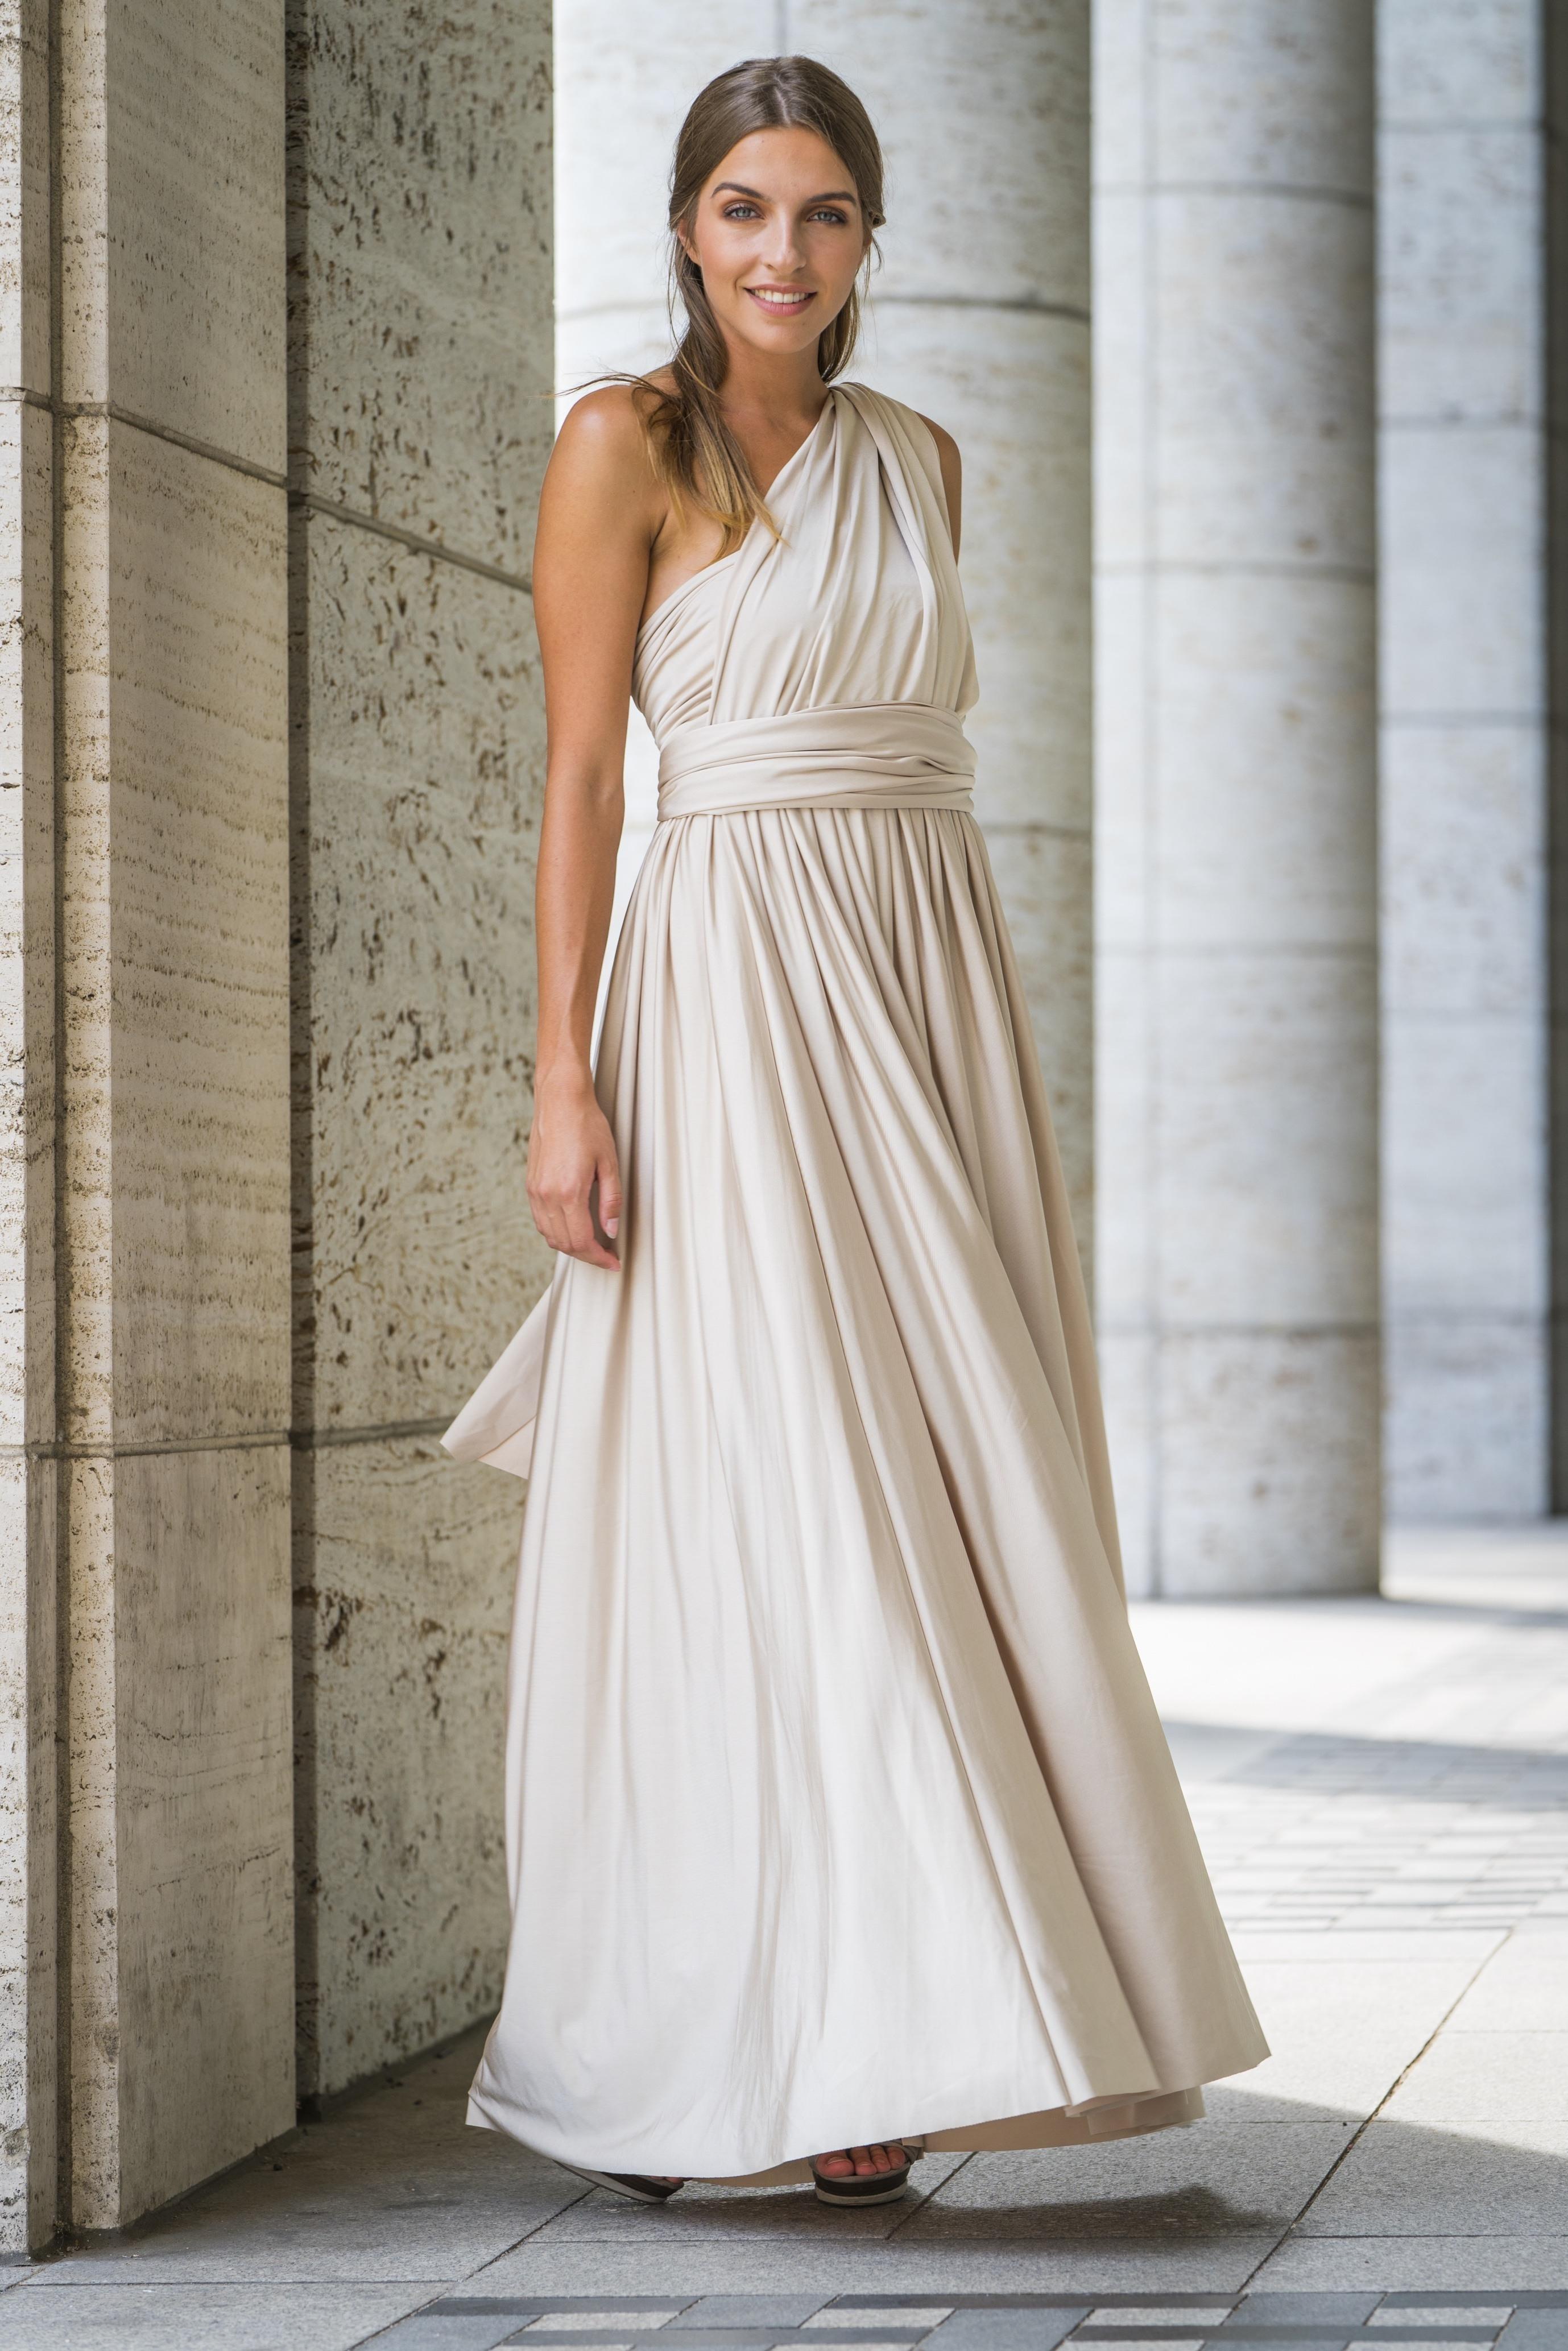 15 Schön Wickelkleid Abendkleid Vertrieb15 Großartig Wickelkleid Abendkleid für 2019